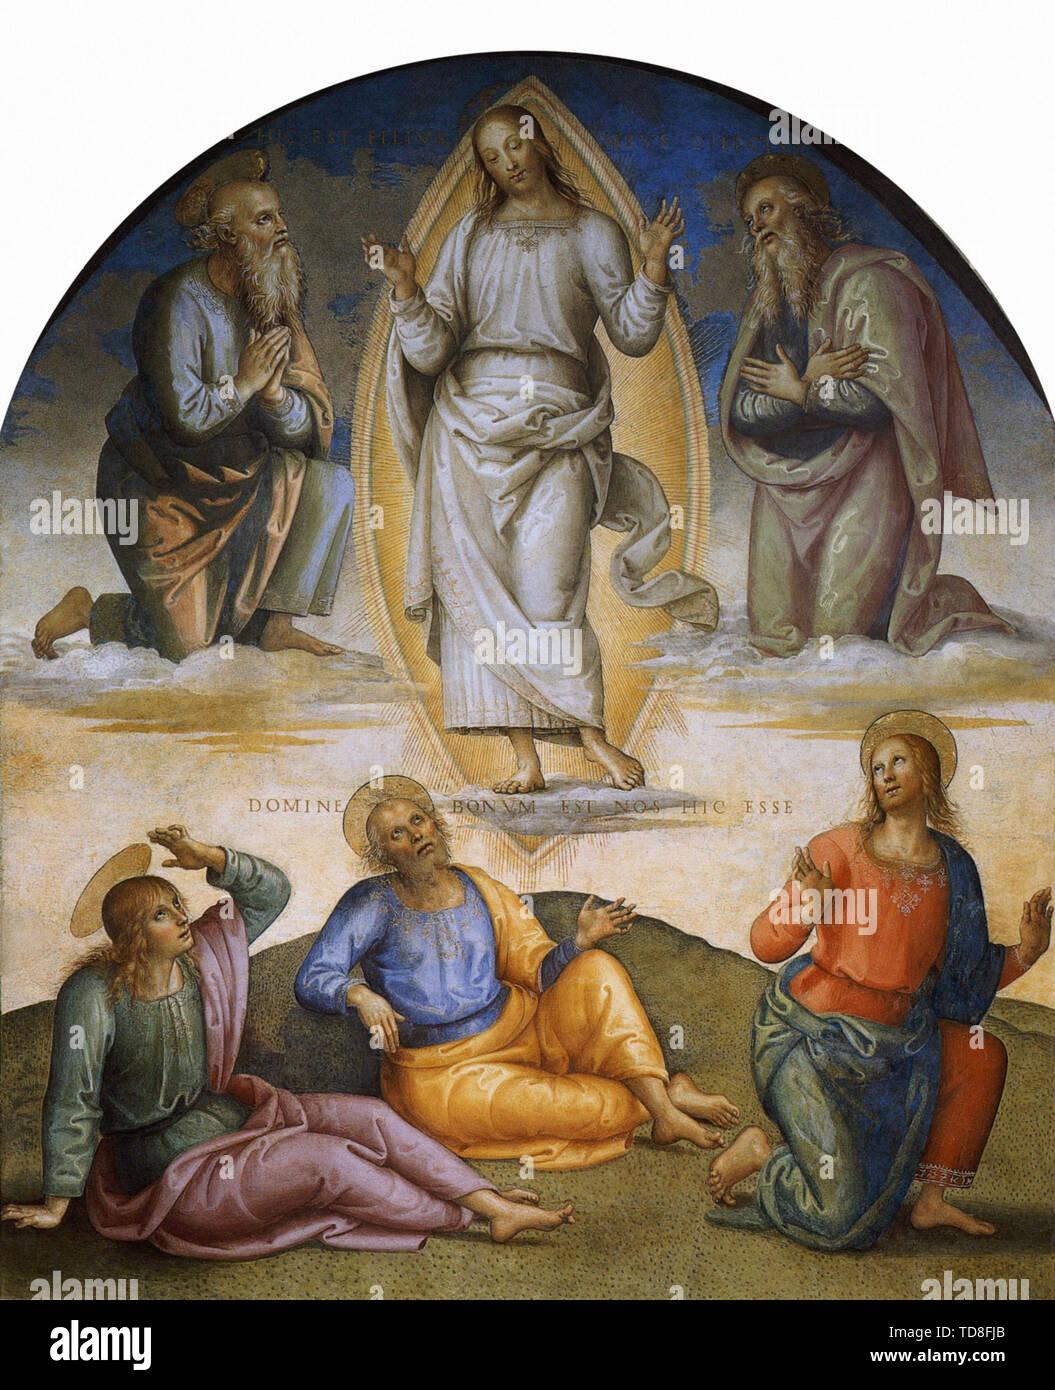 Pietro Perugino - Transfiguration 1500 - Stock Image